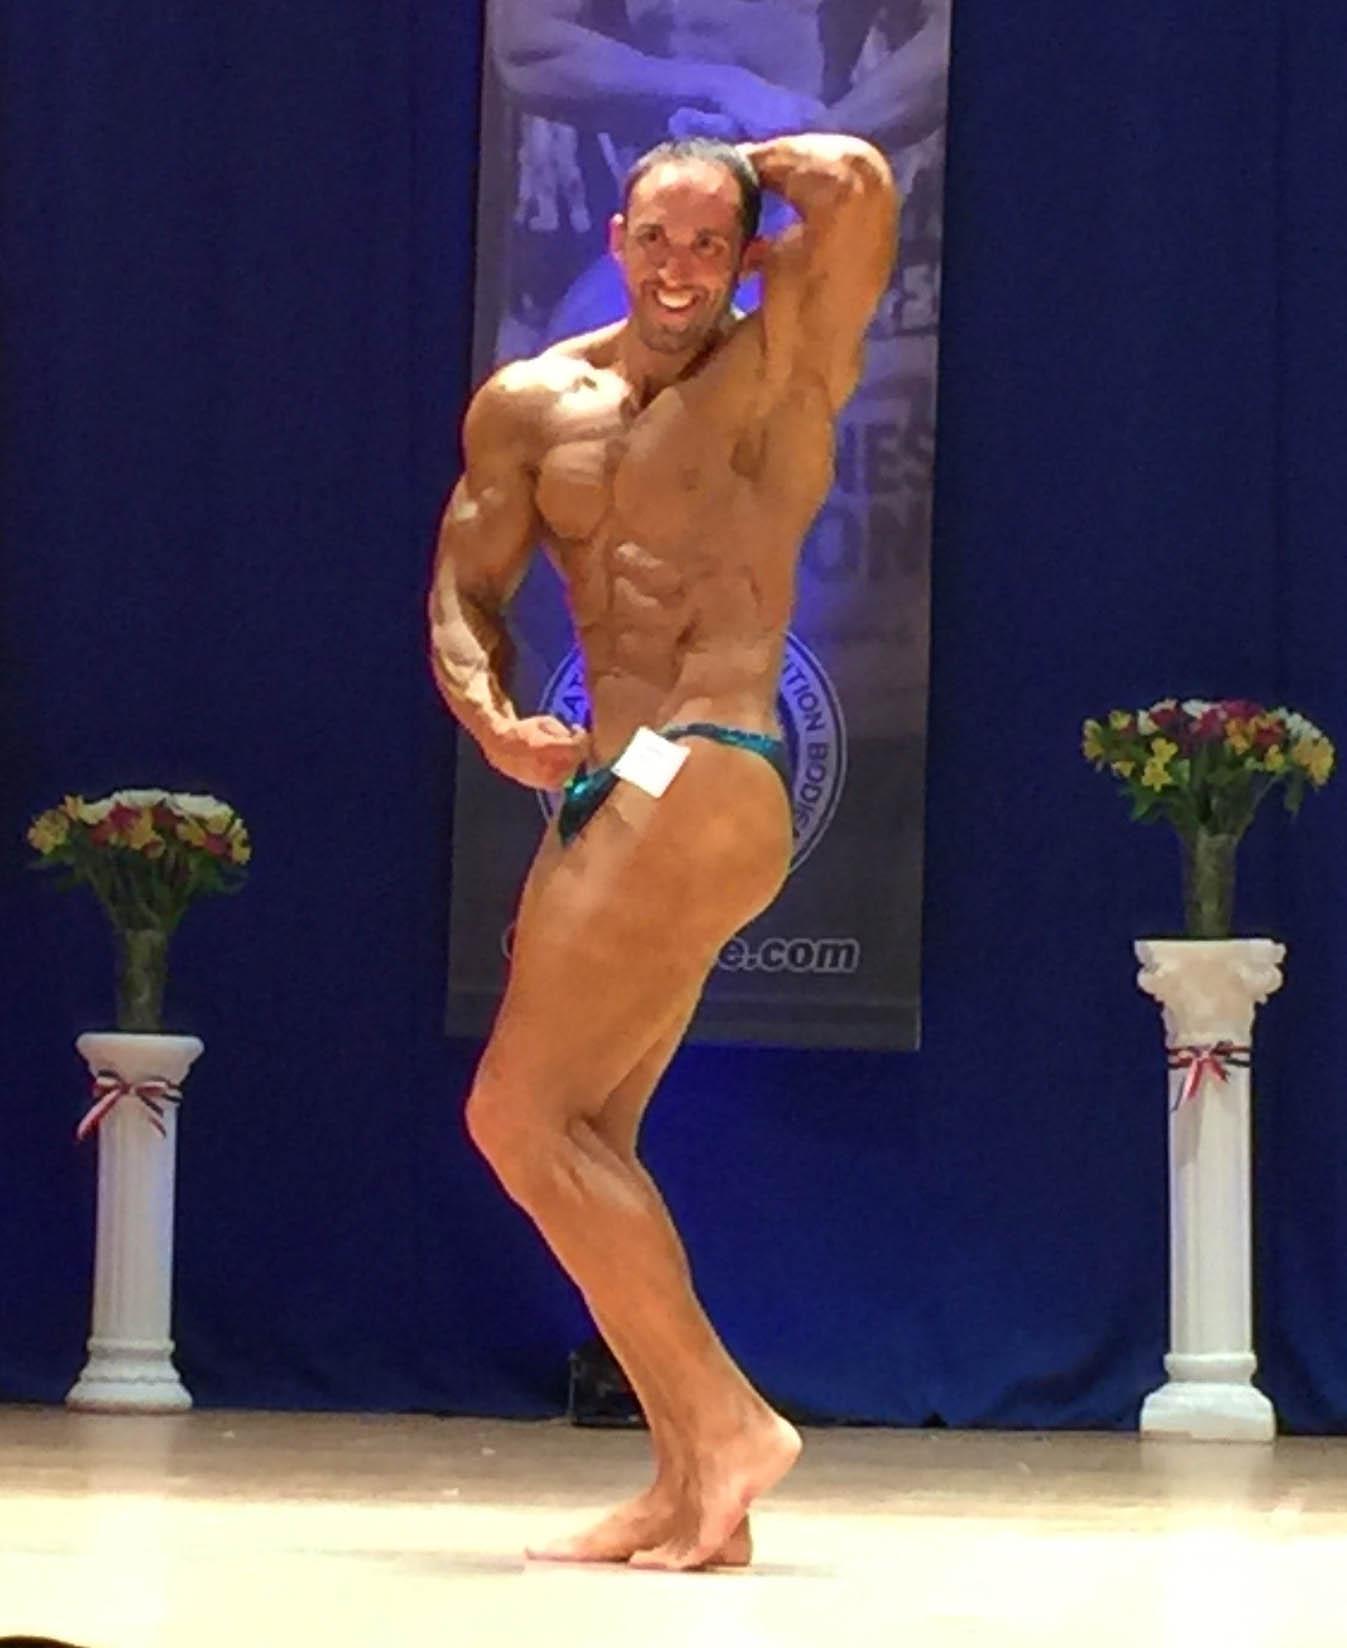 He's got better abs than you.